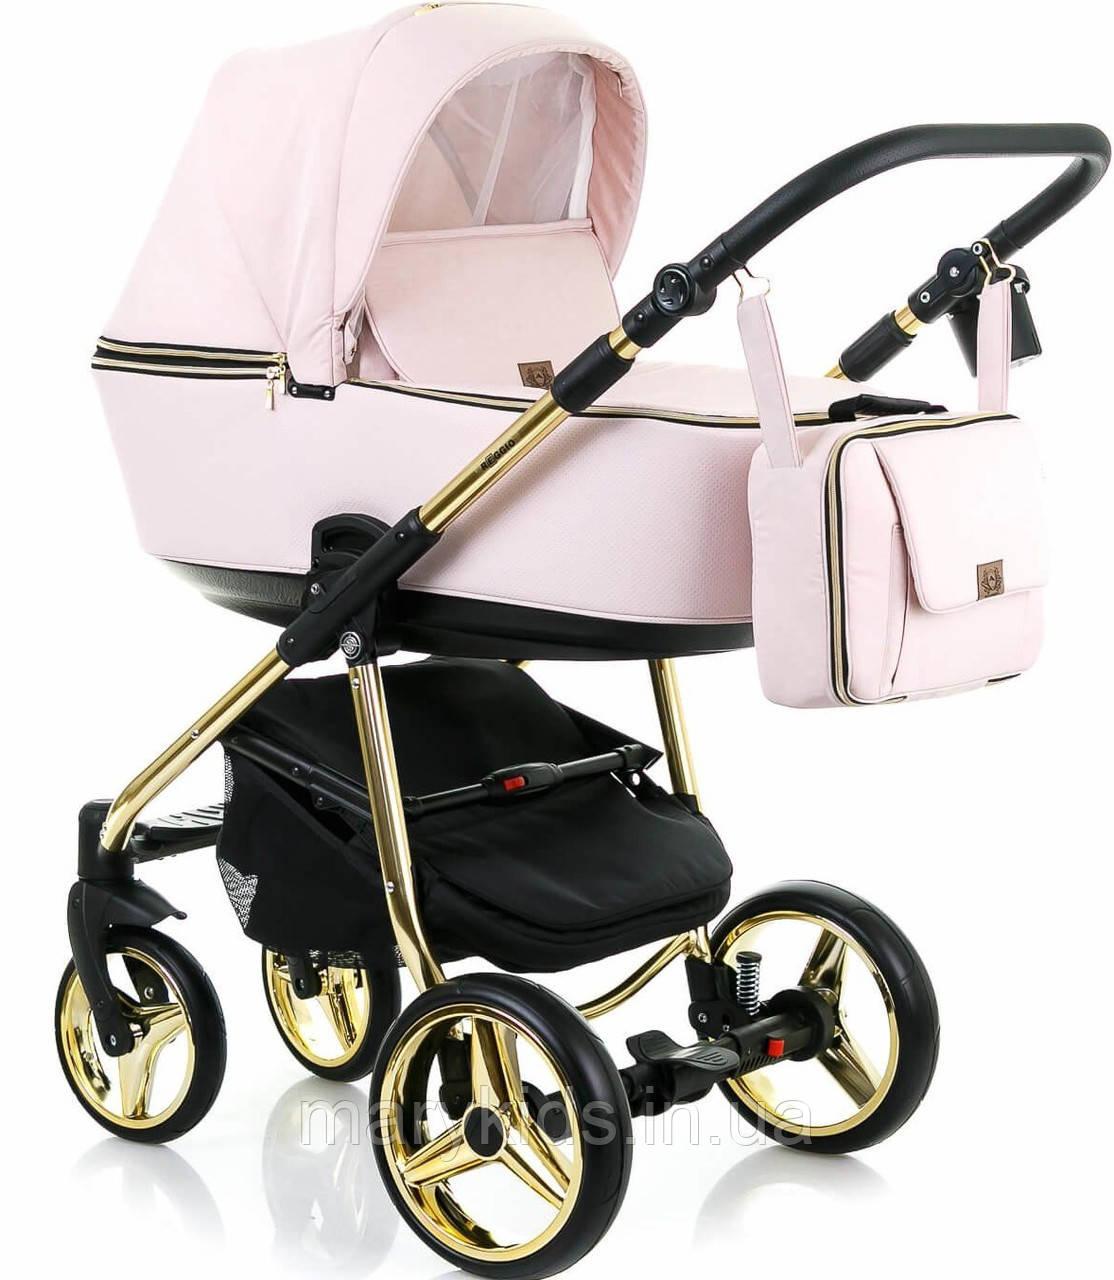 Детская универсальная коляска 2 в 1 Adamex Reggio Limited Chrome Y813